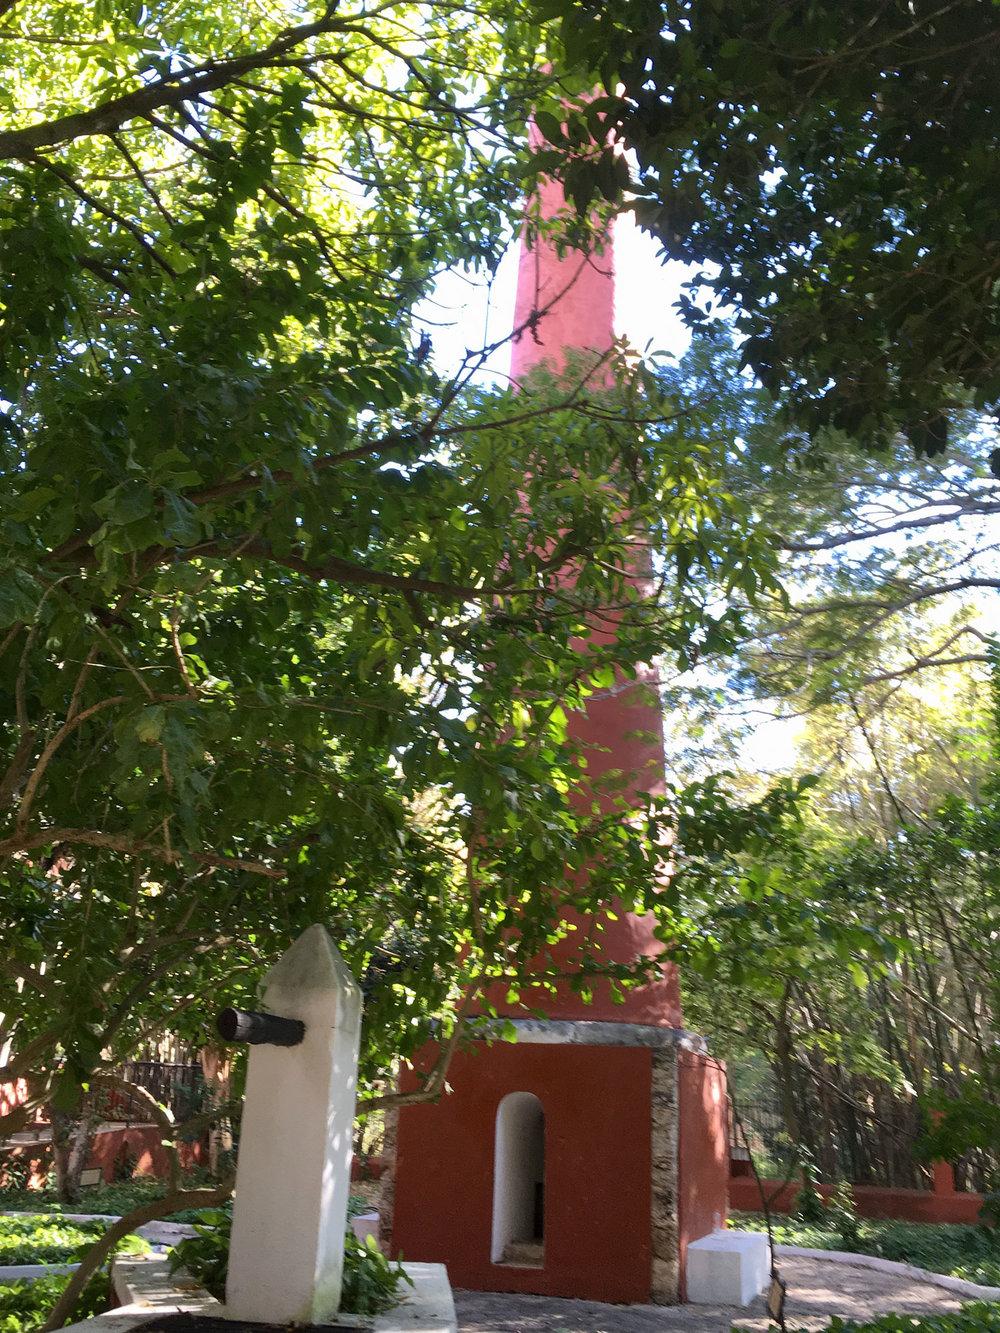 Hammocks_and_Ruins_Blog_Riviera_Maya_Mexico_Travel_Discover_Yucatan_What_to_do_Merida_Haciendas_Teya_32.jpg